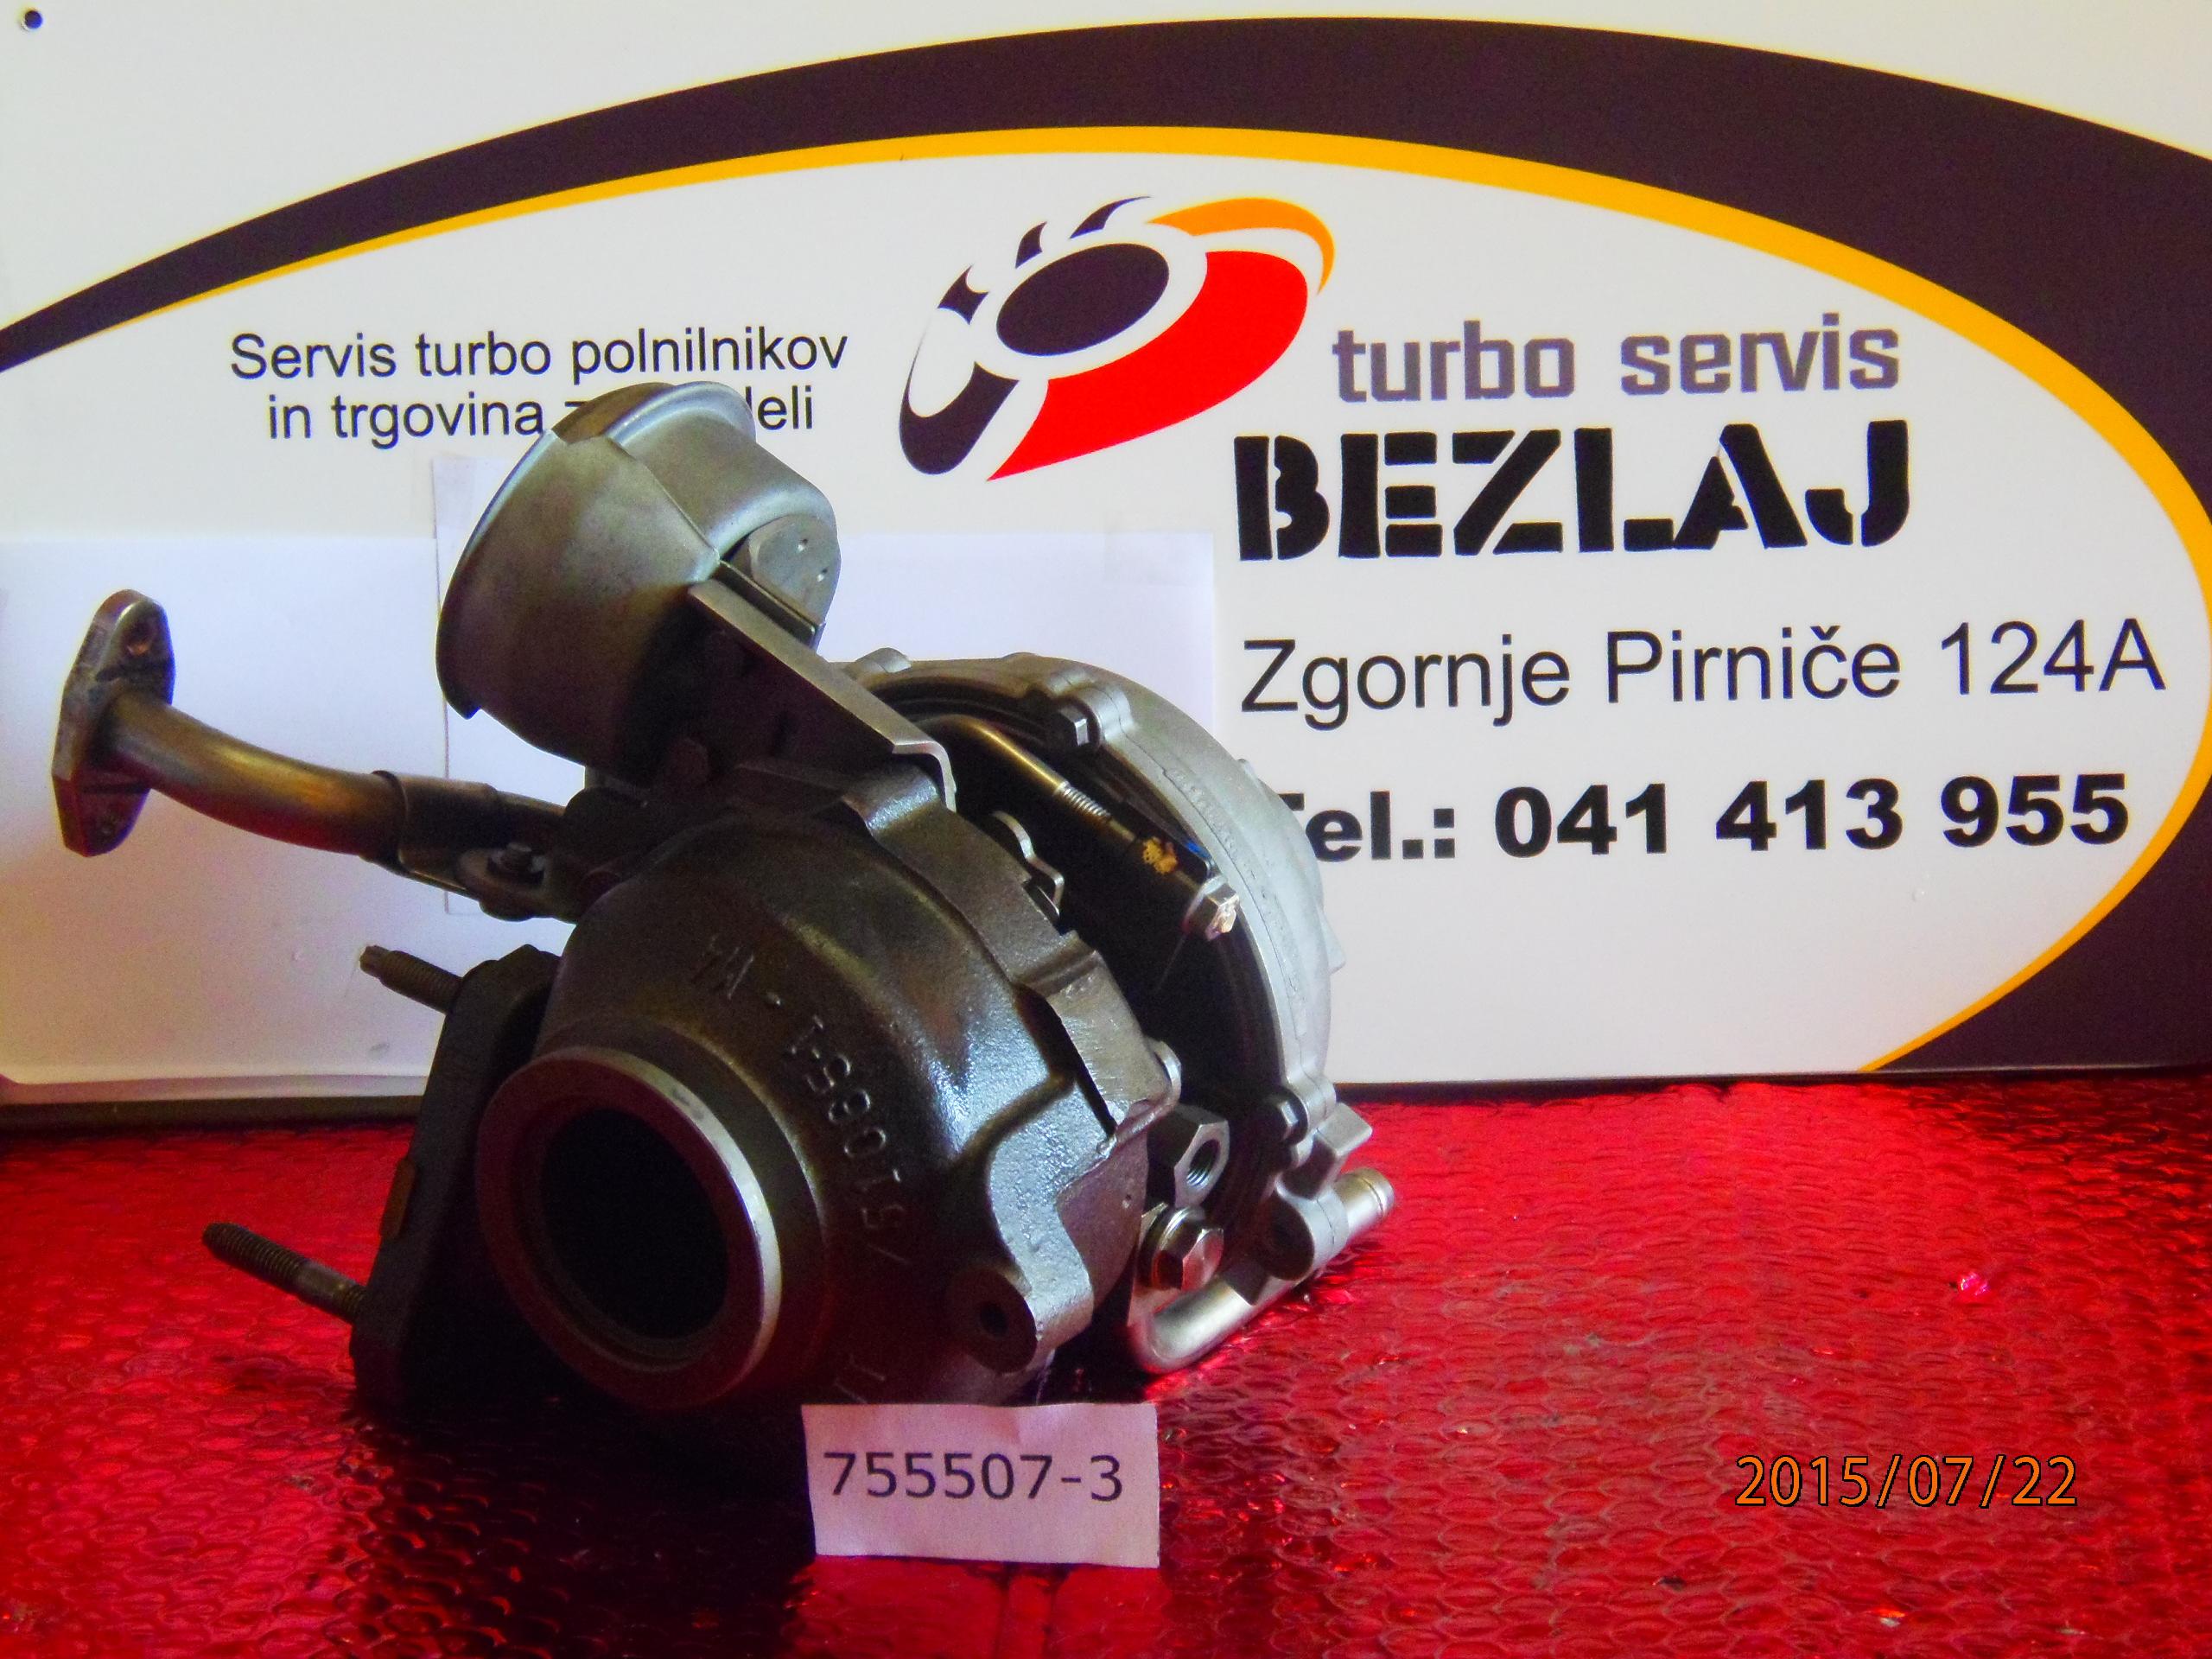 turbo755507-3 (3)